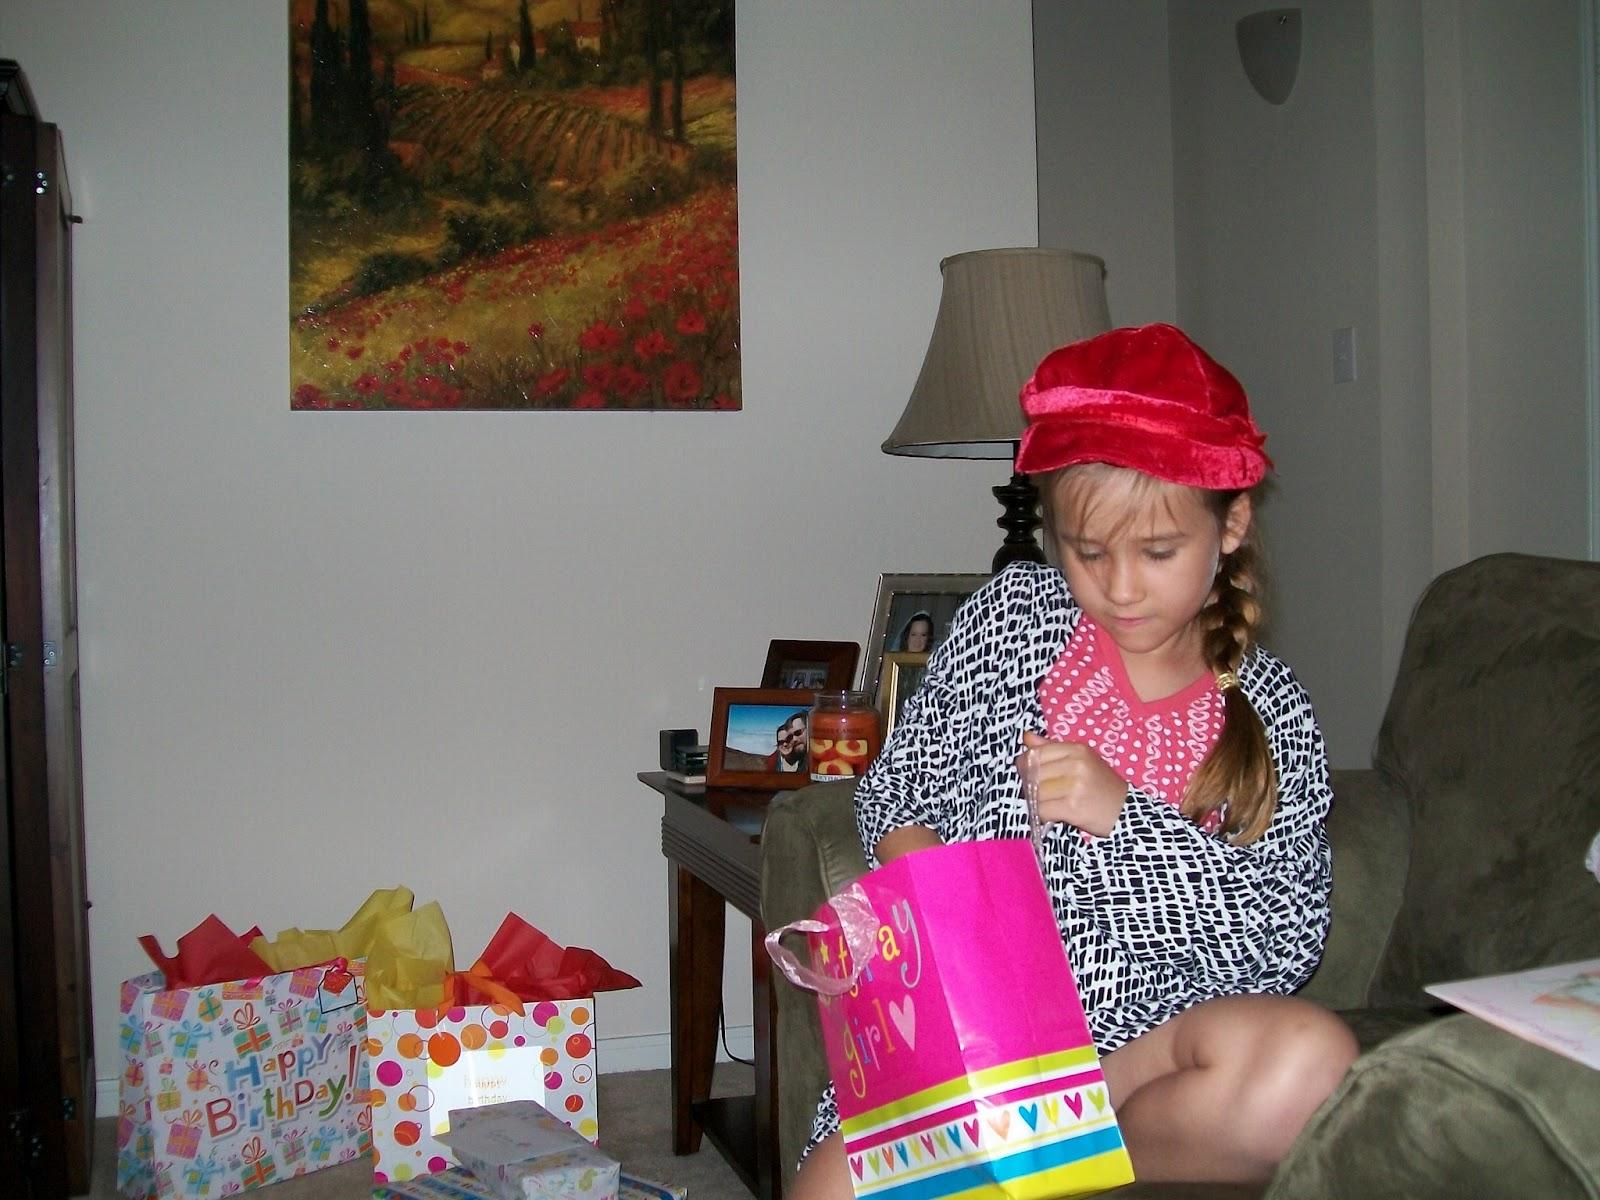 Corinas Birthday Party 2012 - 100_0840.JPG